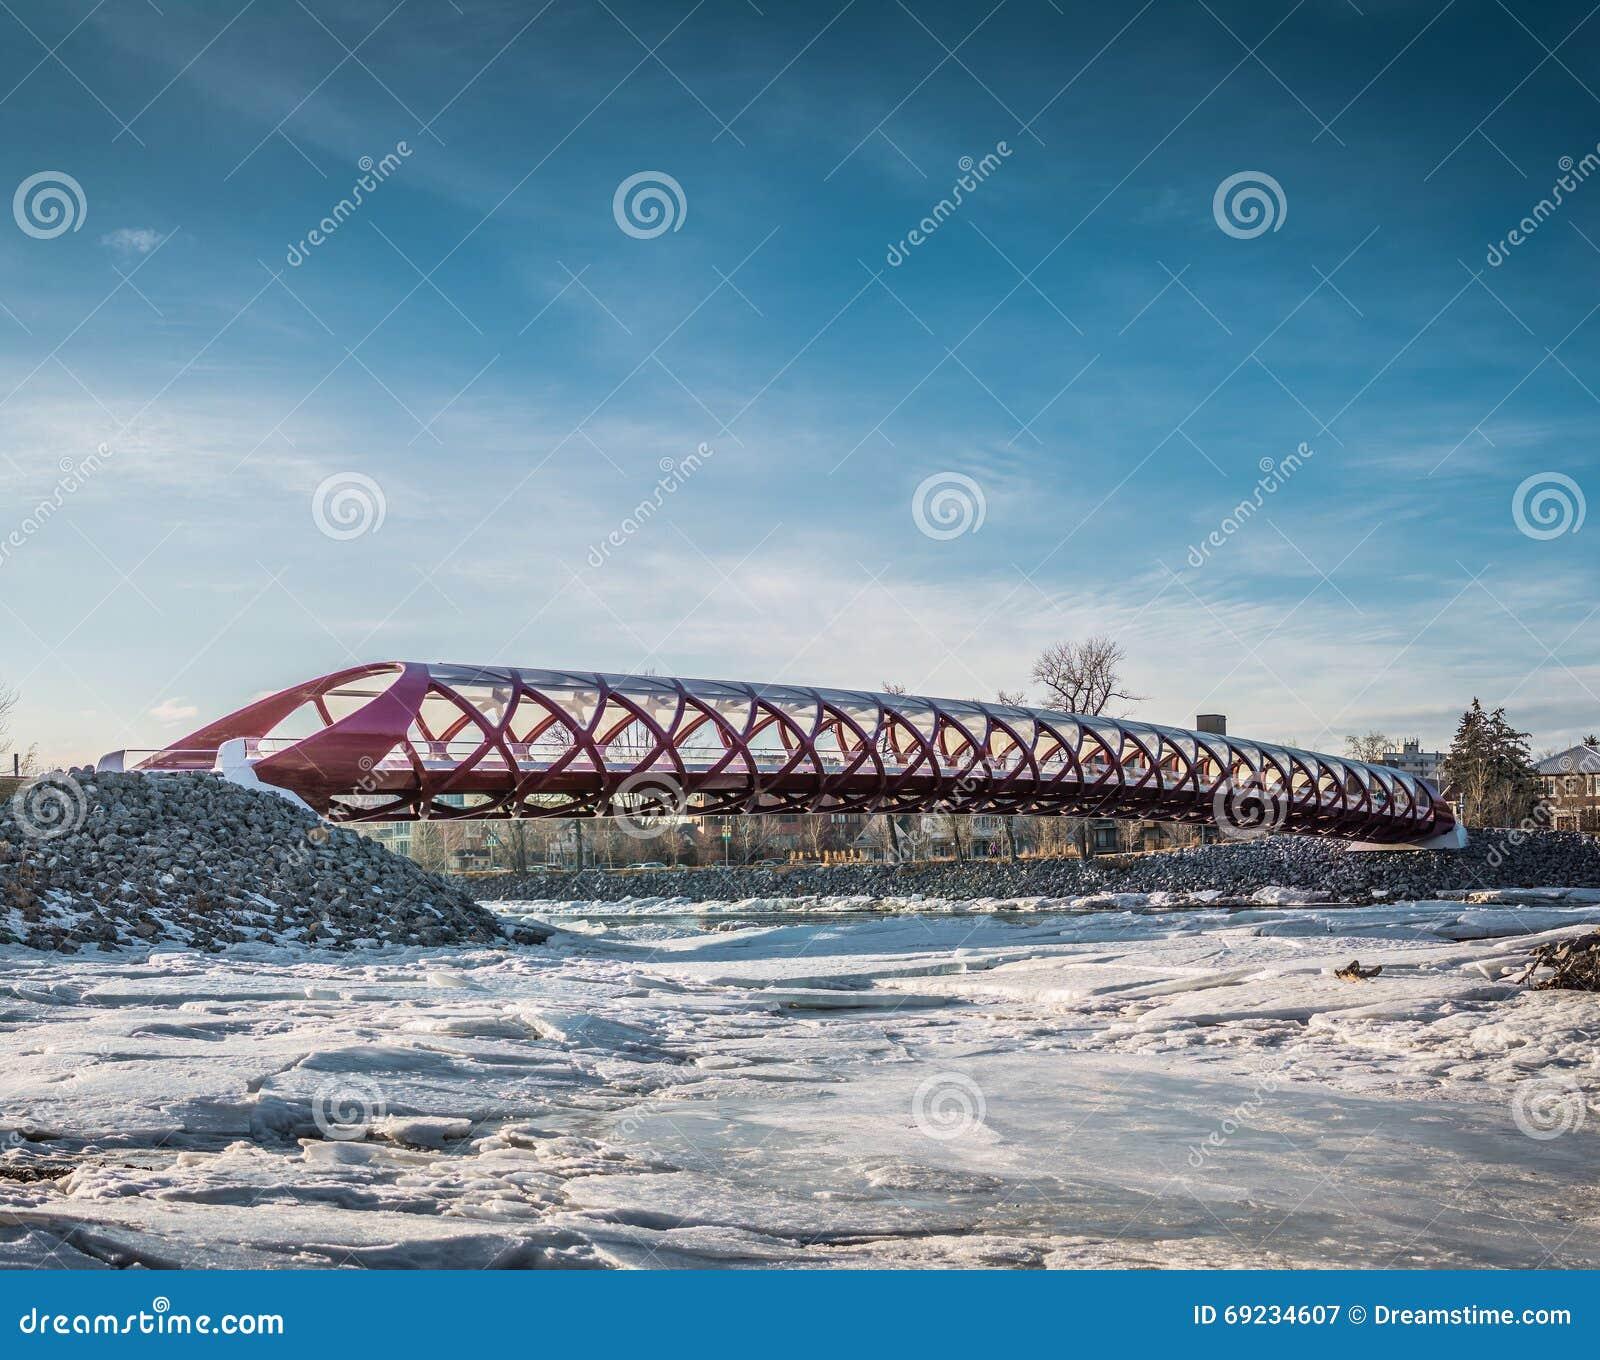 Pokoju most